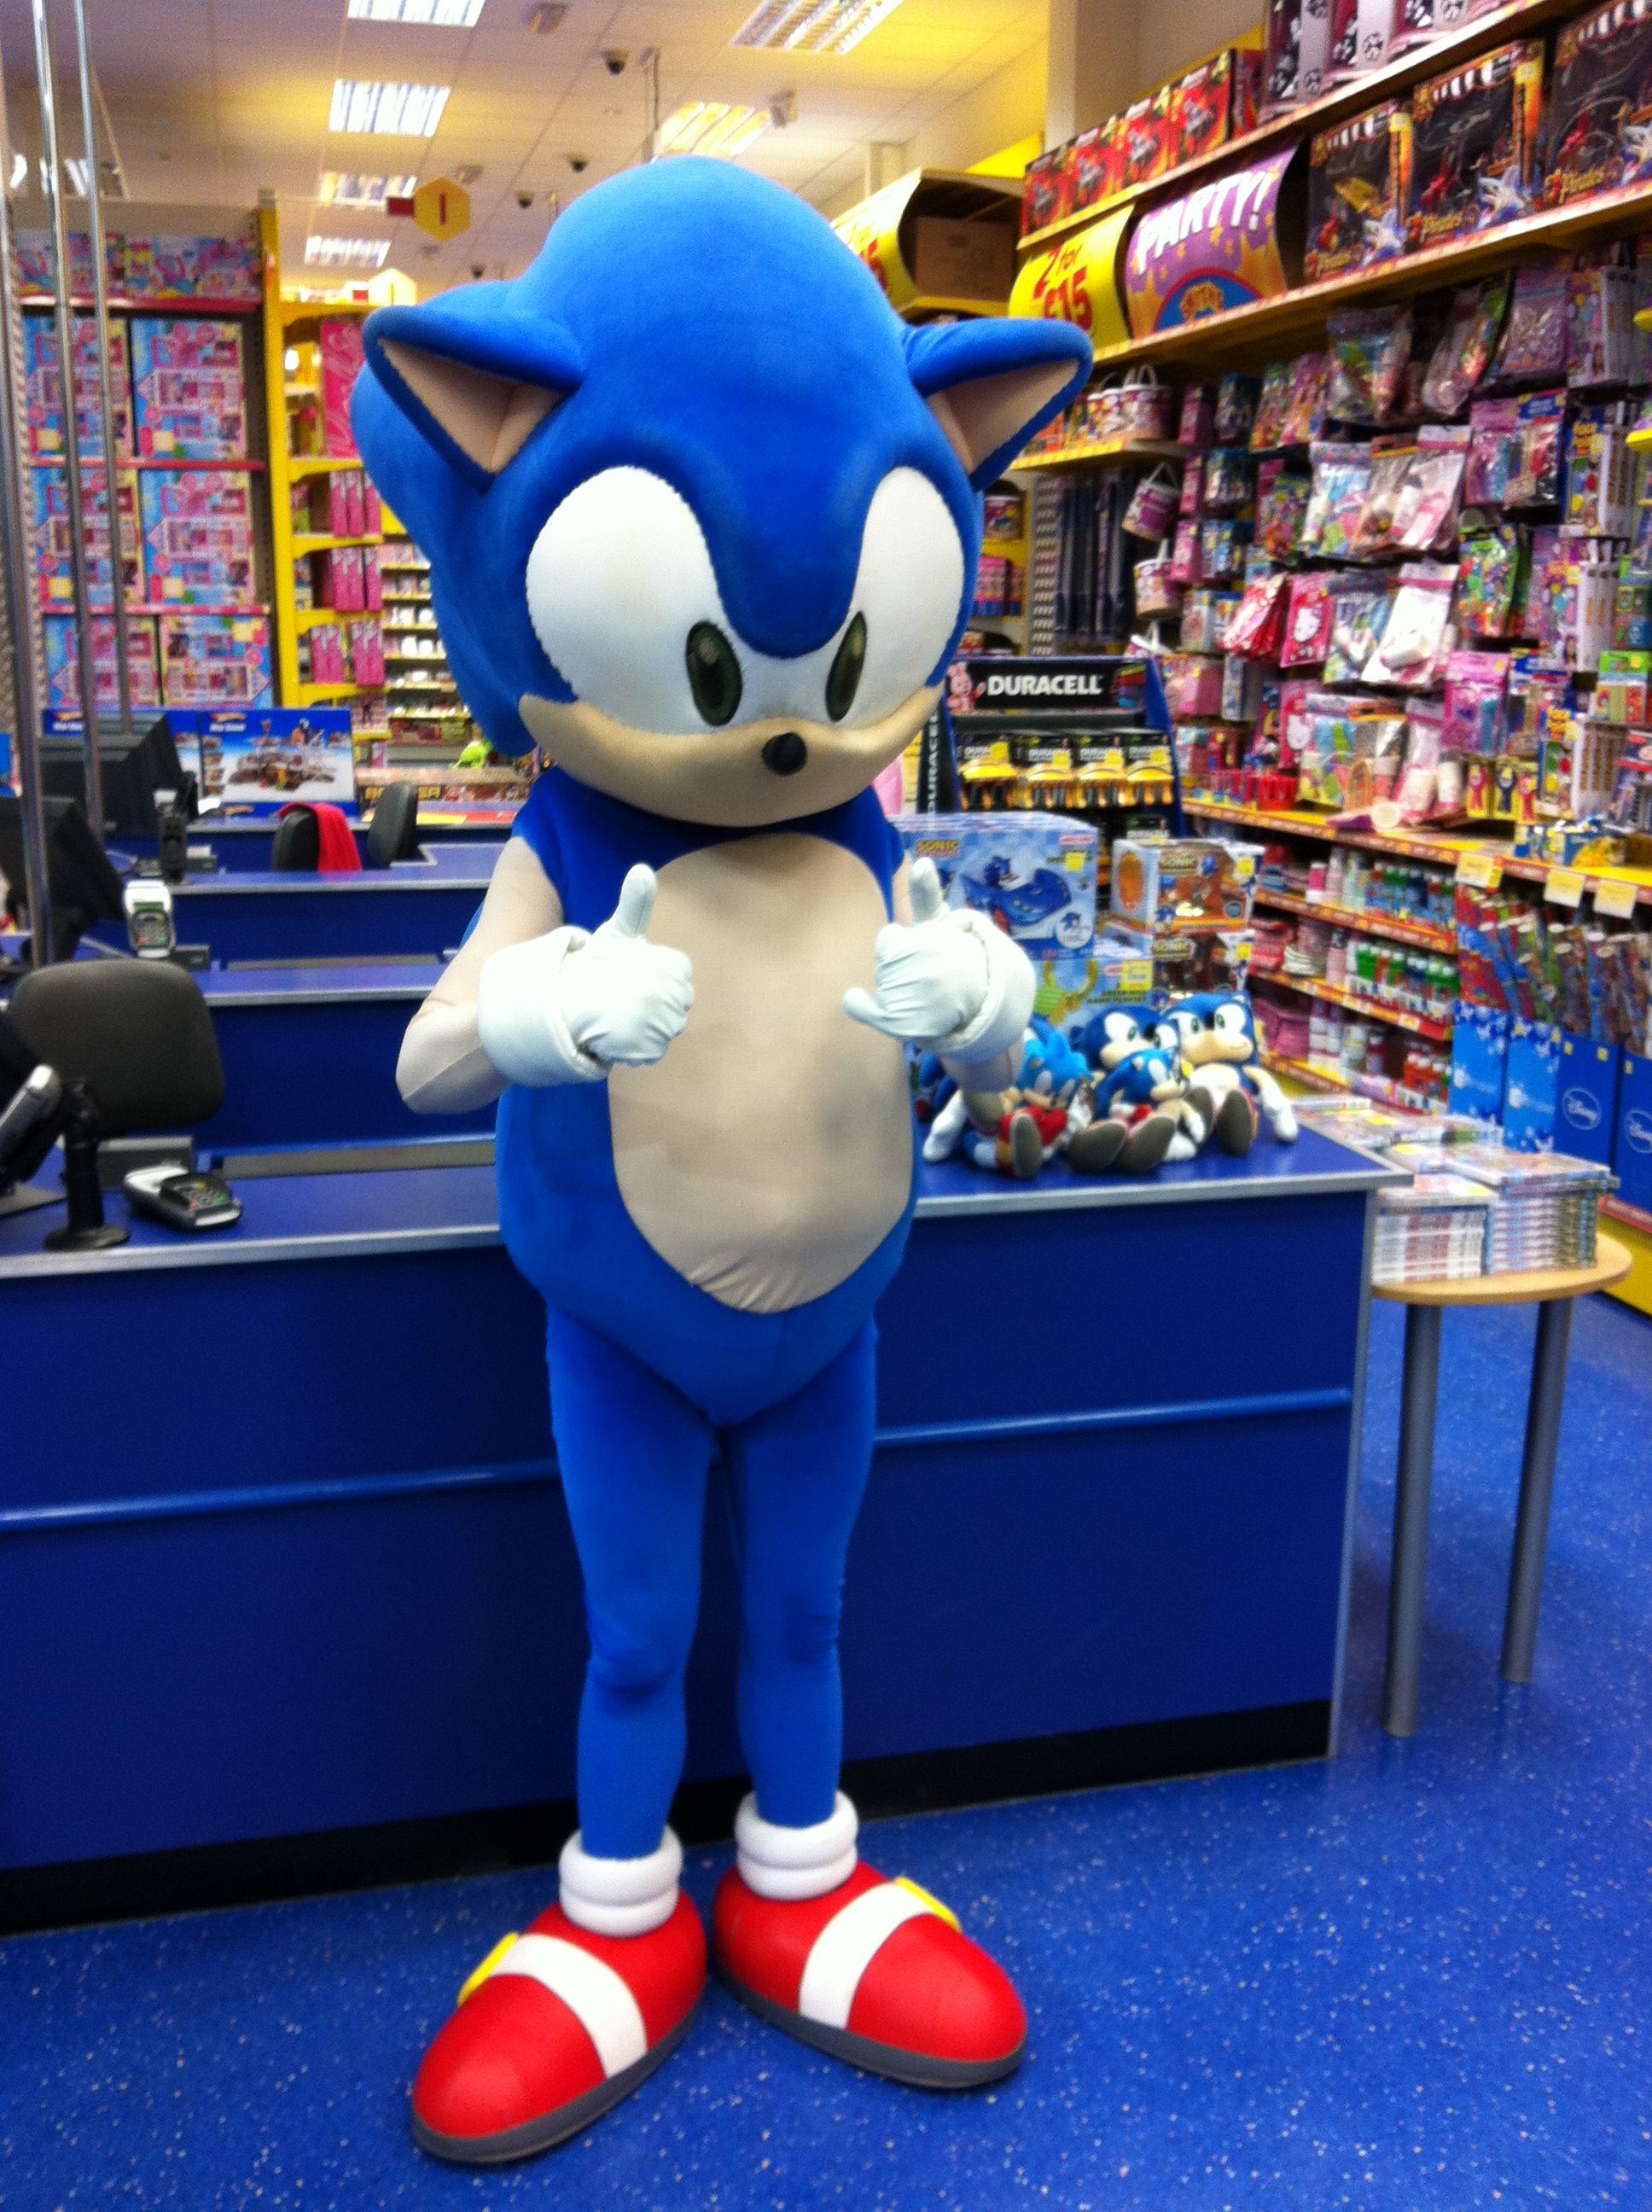 Sonic The Hedgehog At Smyths Toys Superstores Fantasias Para Criancas Festa Sonic Fantasias